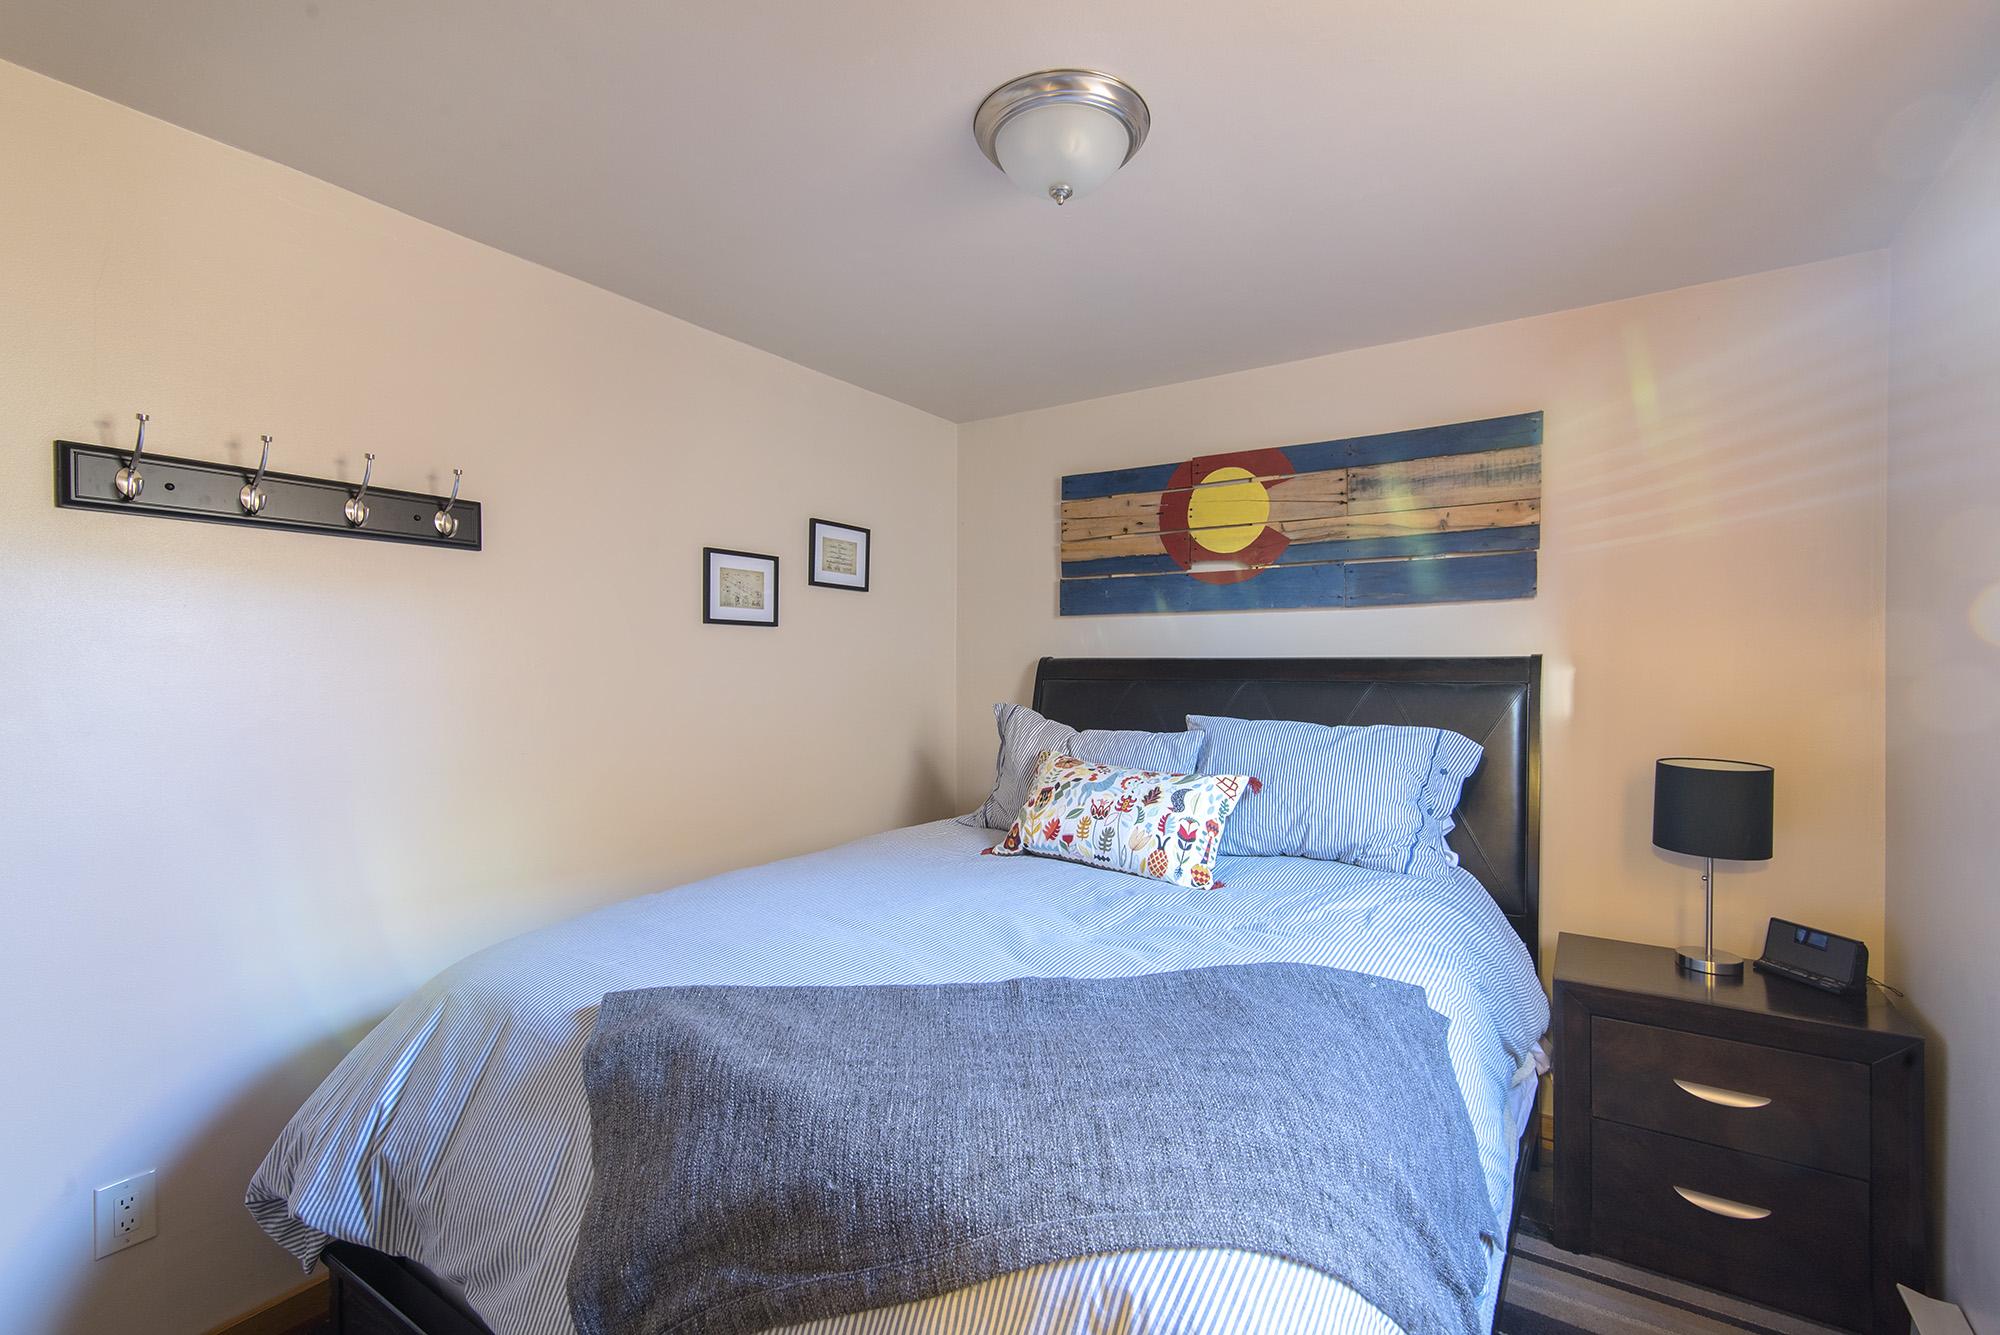 Bedroom 2: Queen size, sleeps 2